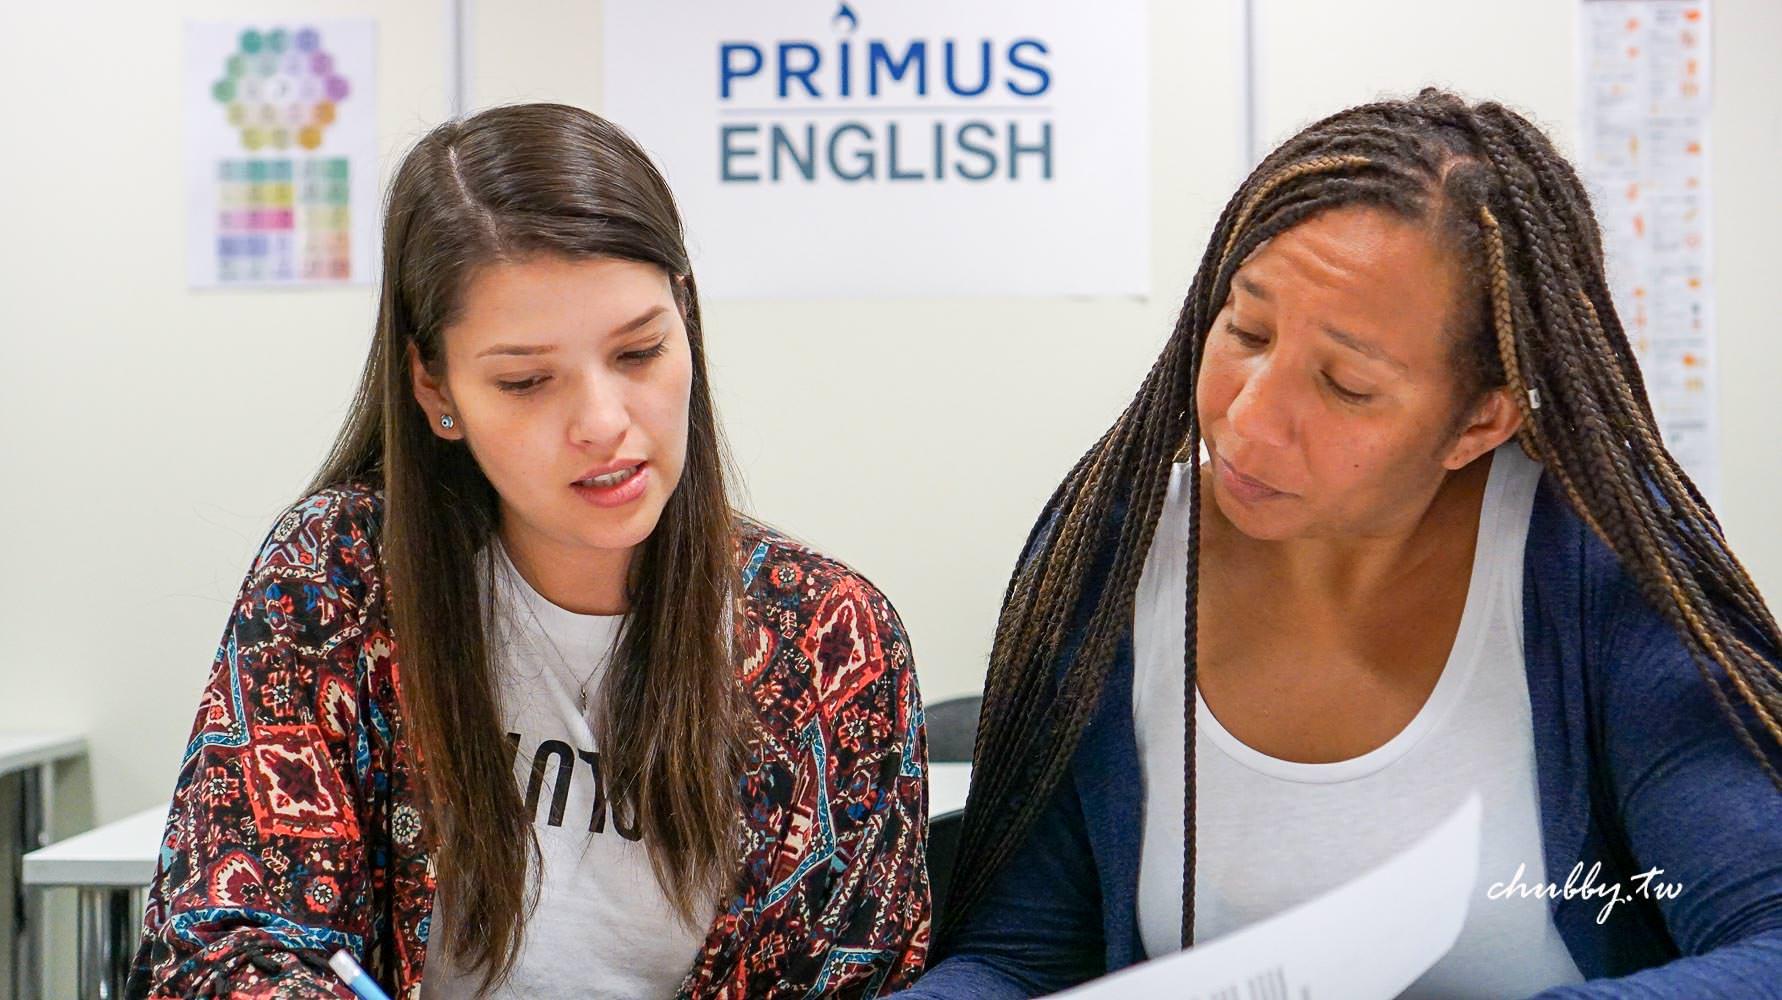 澳洲遊學│墨爾本語言學校Primus English心得